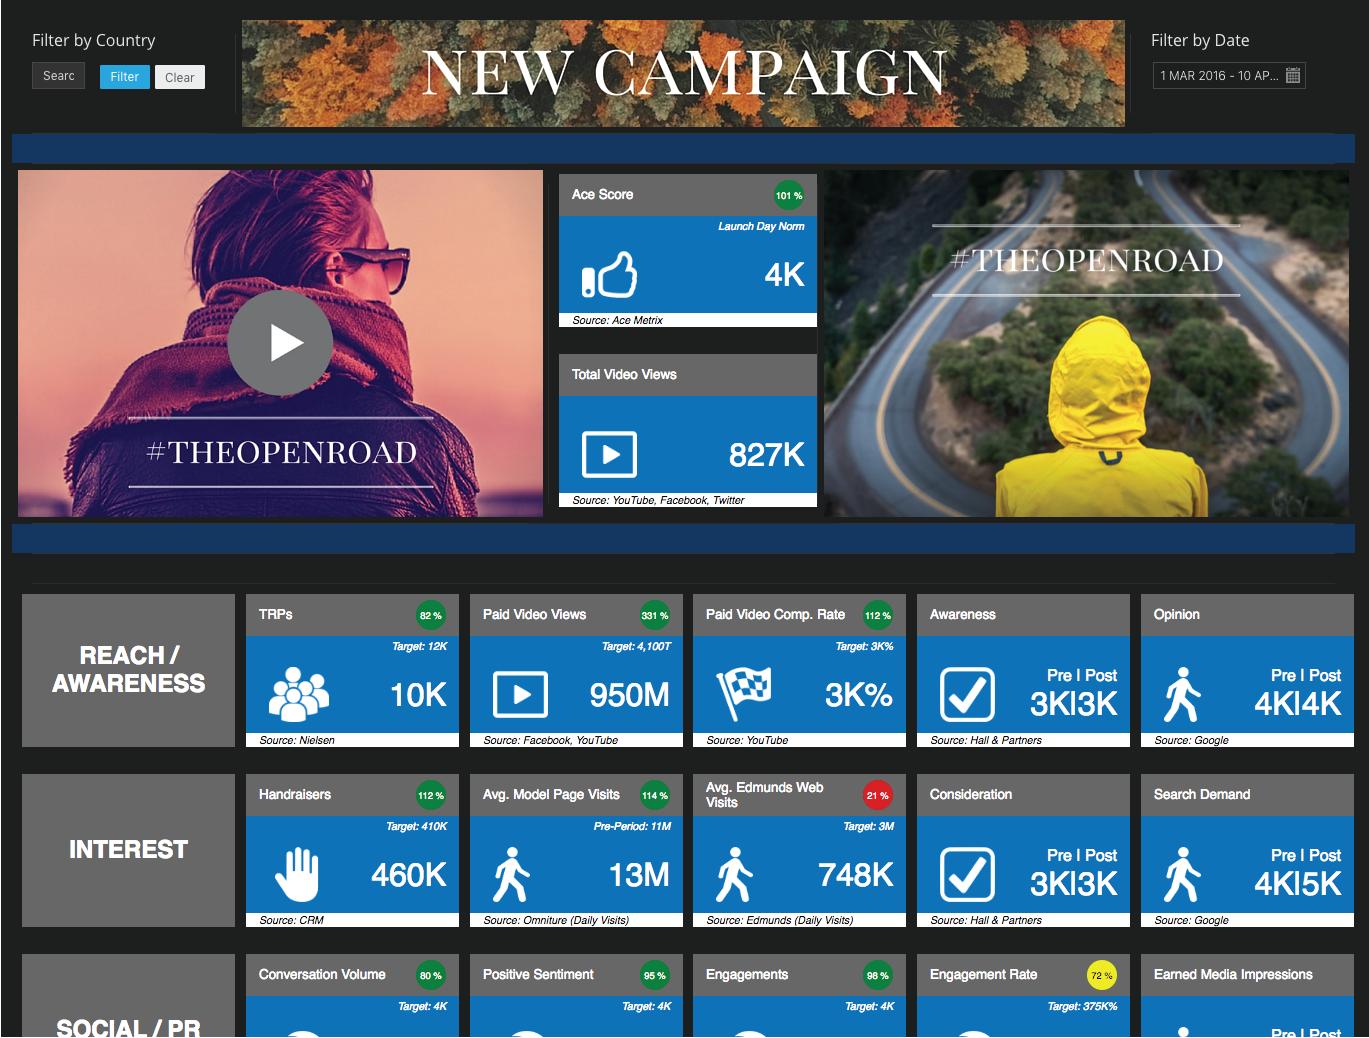 datorama_campaign_dashboard